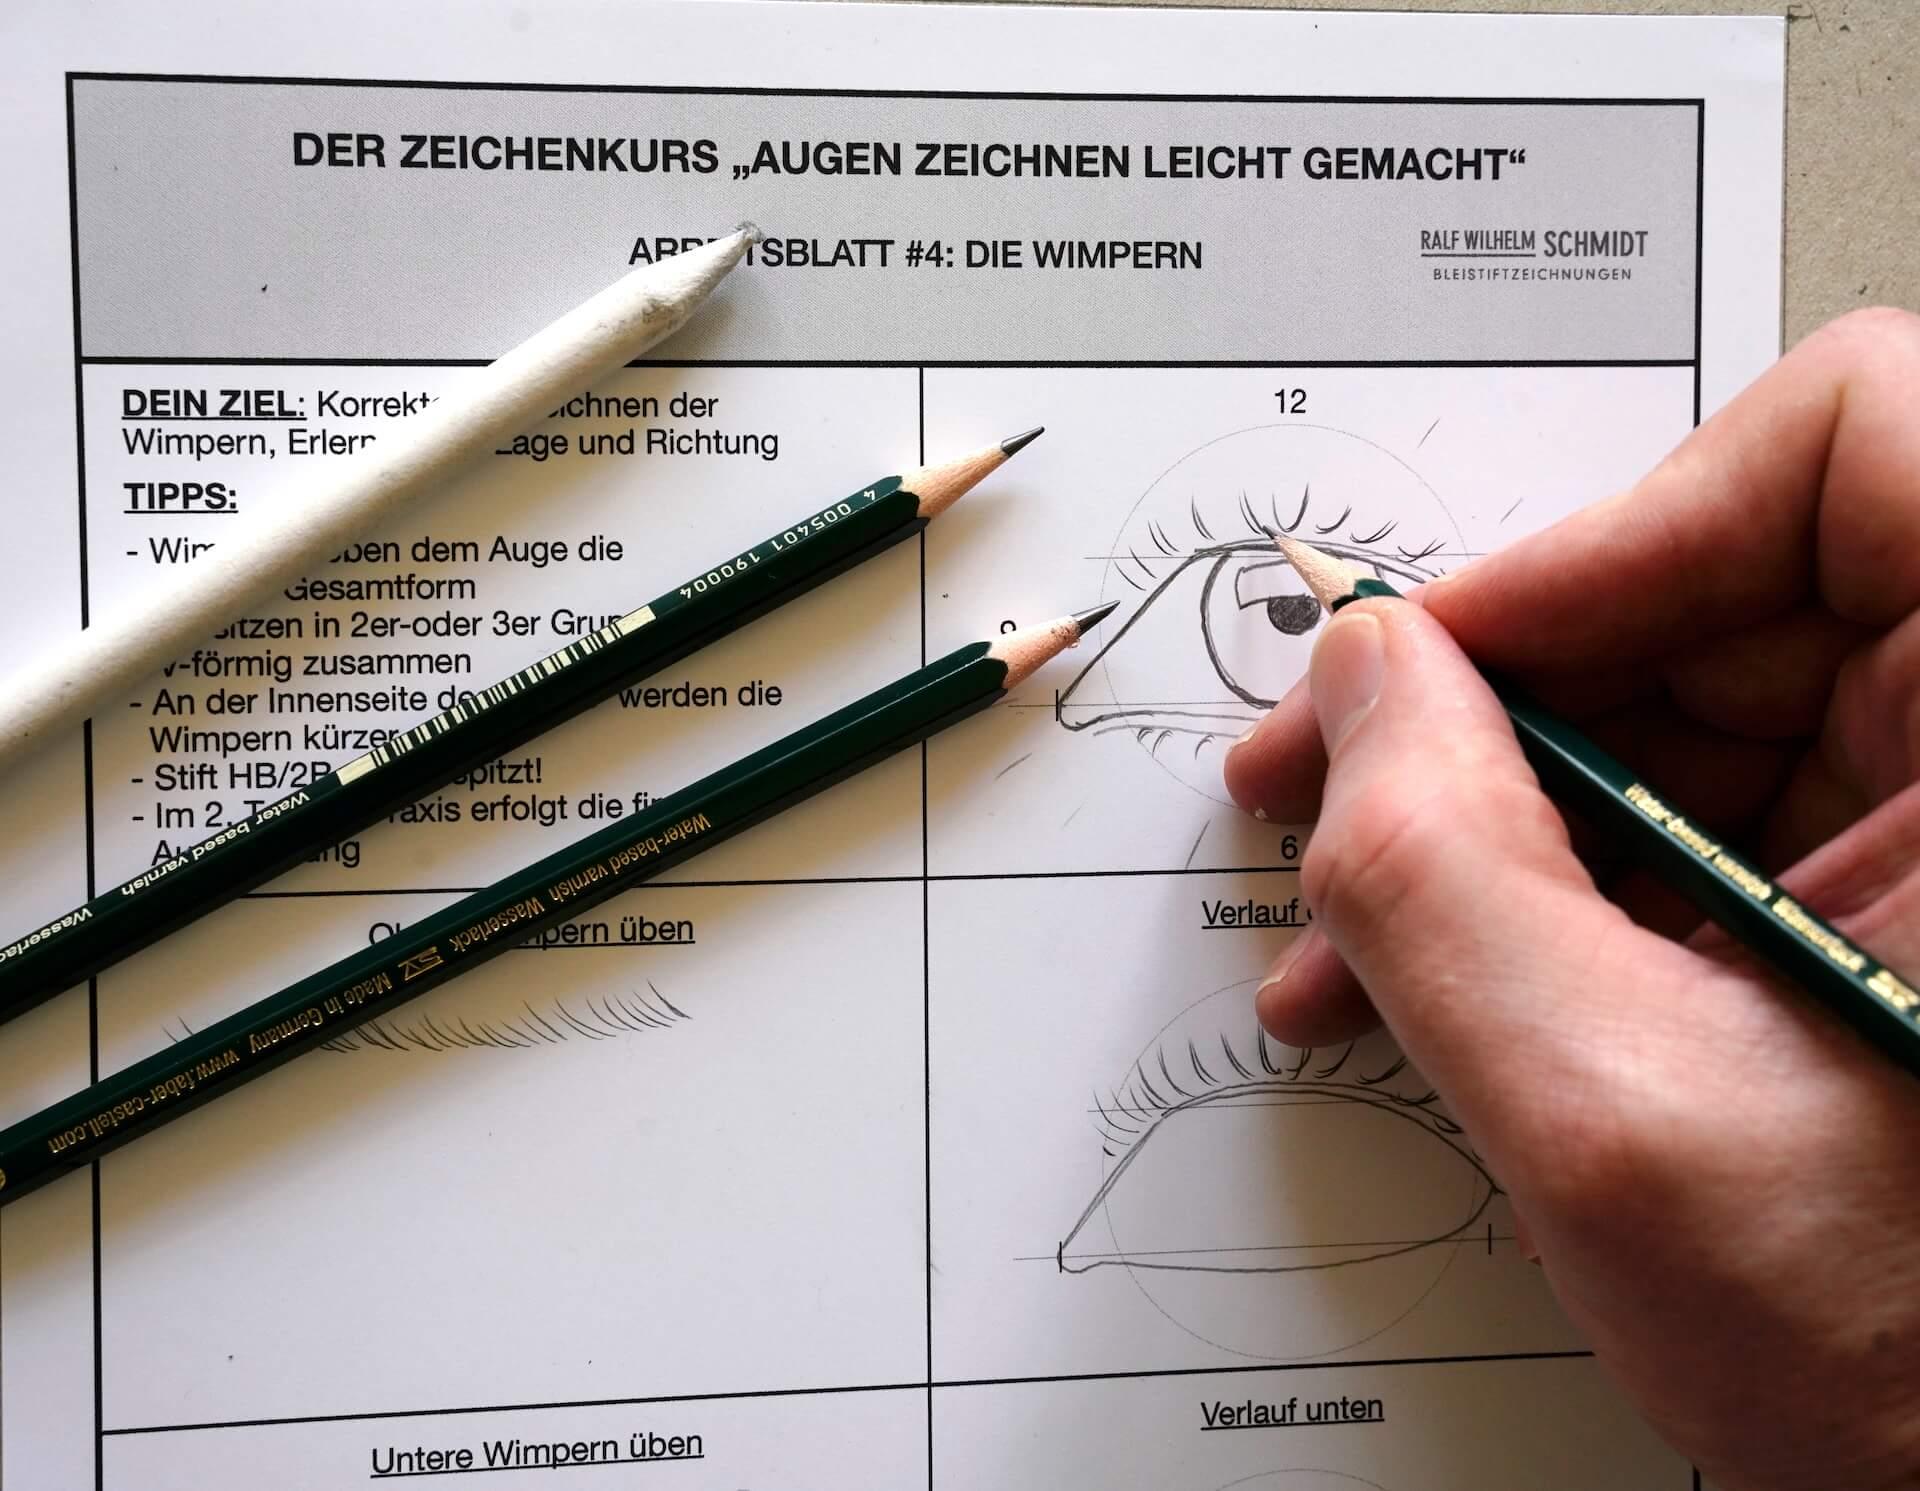 Augen zeichnen lernen-der Gratis  Zeichenkurs-Ralf Wilhelm Schmidt